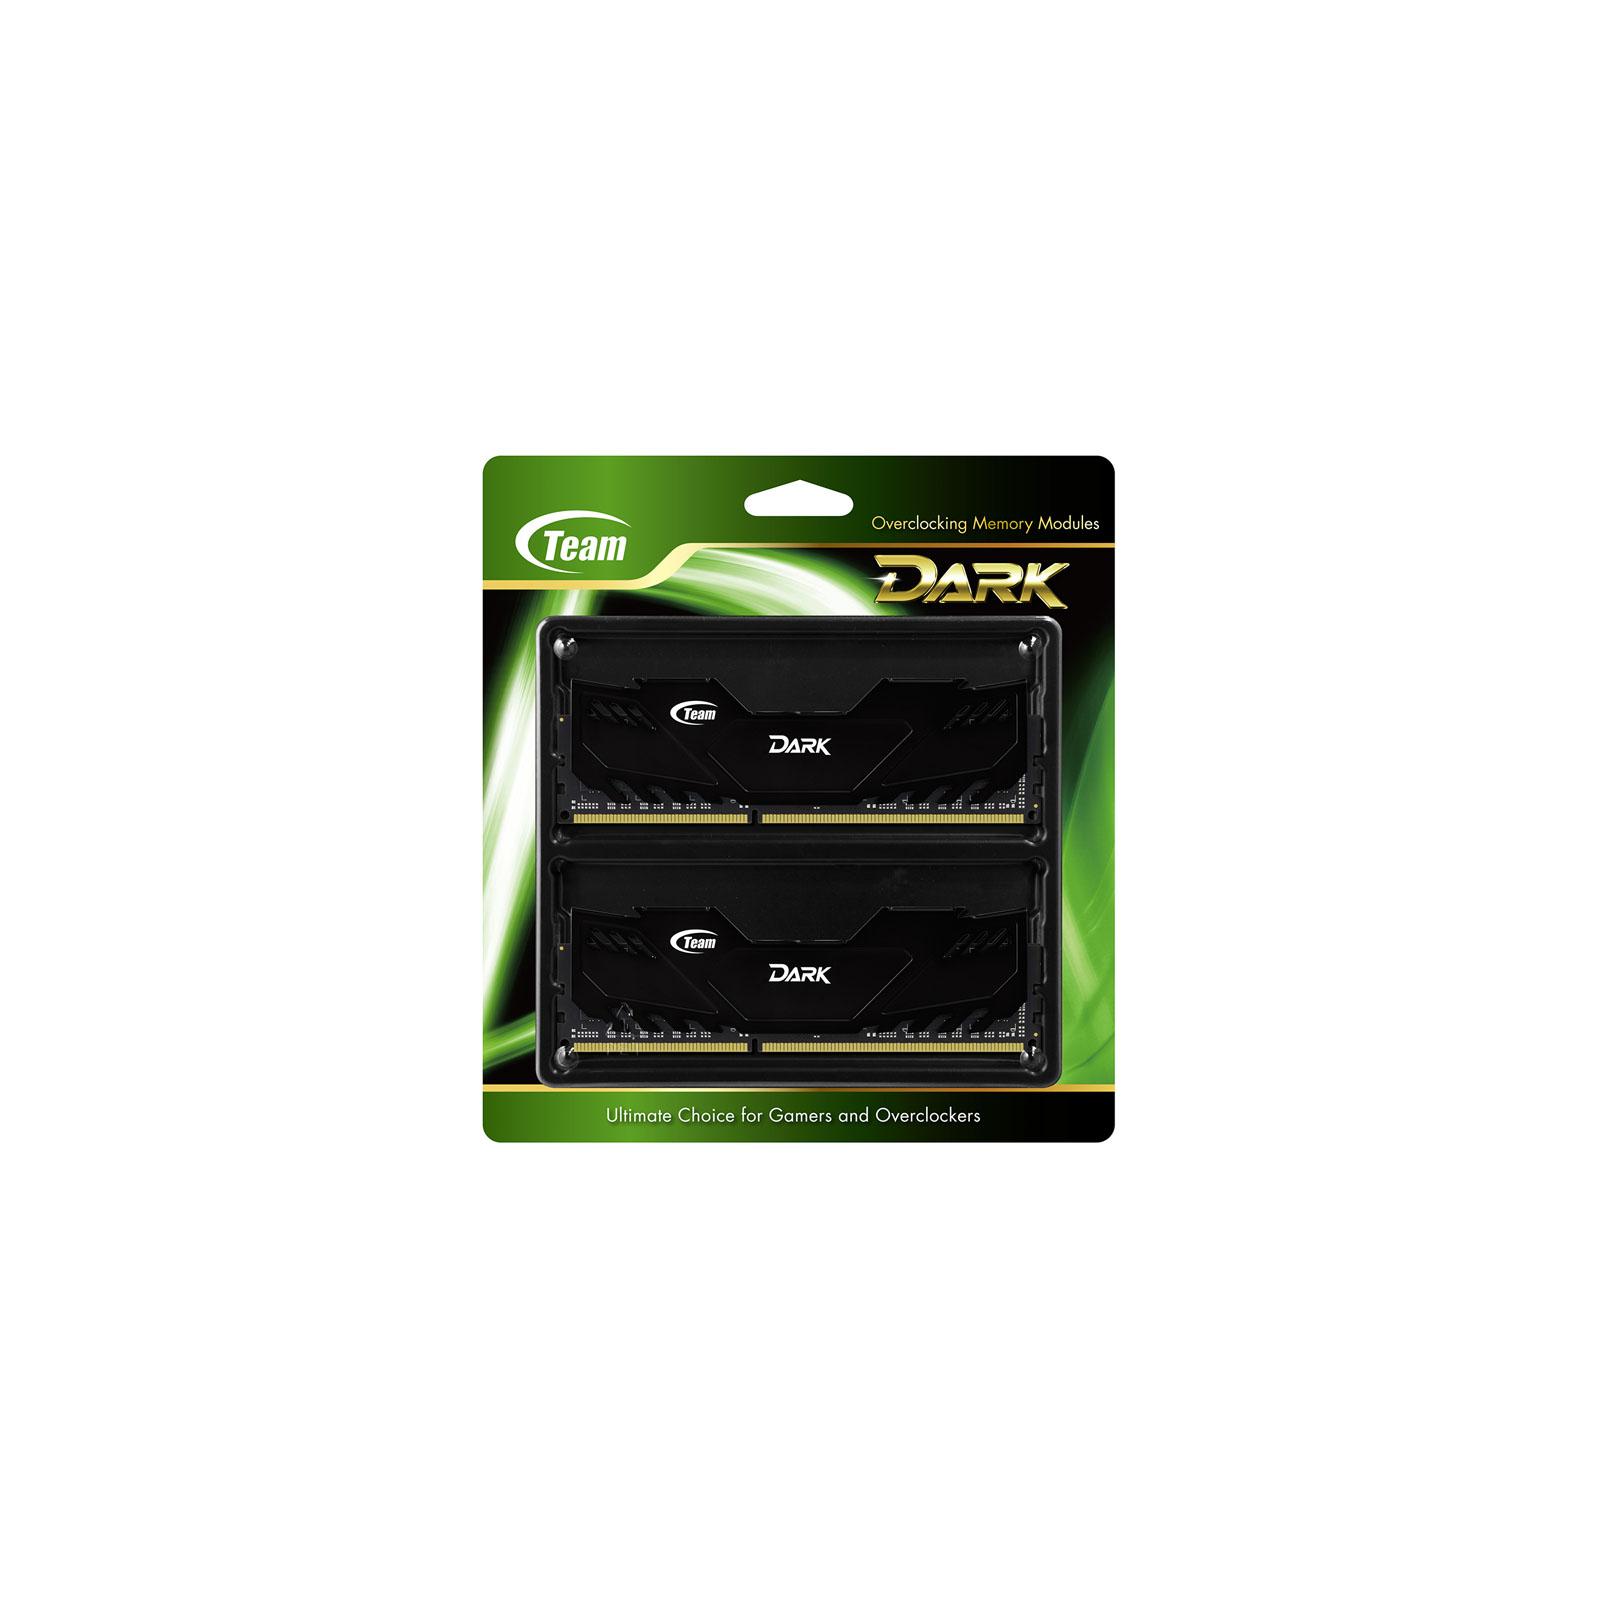 Модуль памяти для компьютера DDR4 8GB (2x4GB) 2800 MHz Dark Black Team (TDKED48G2800HC16ADC01) изображение 2